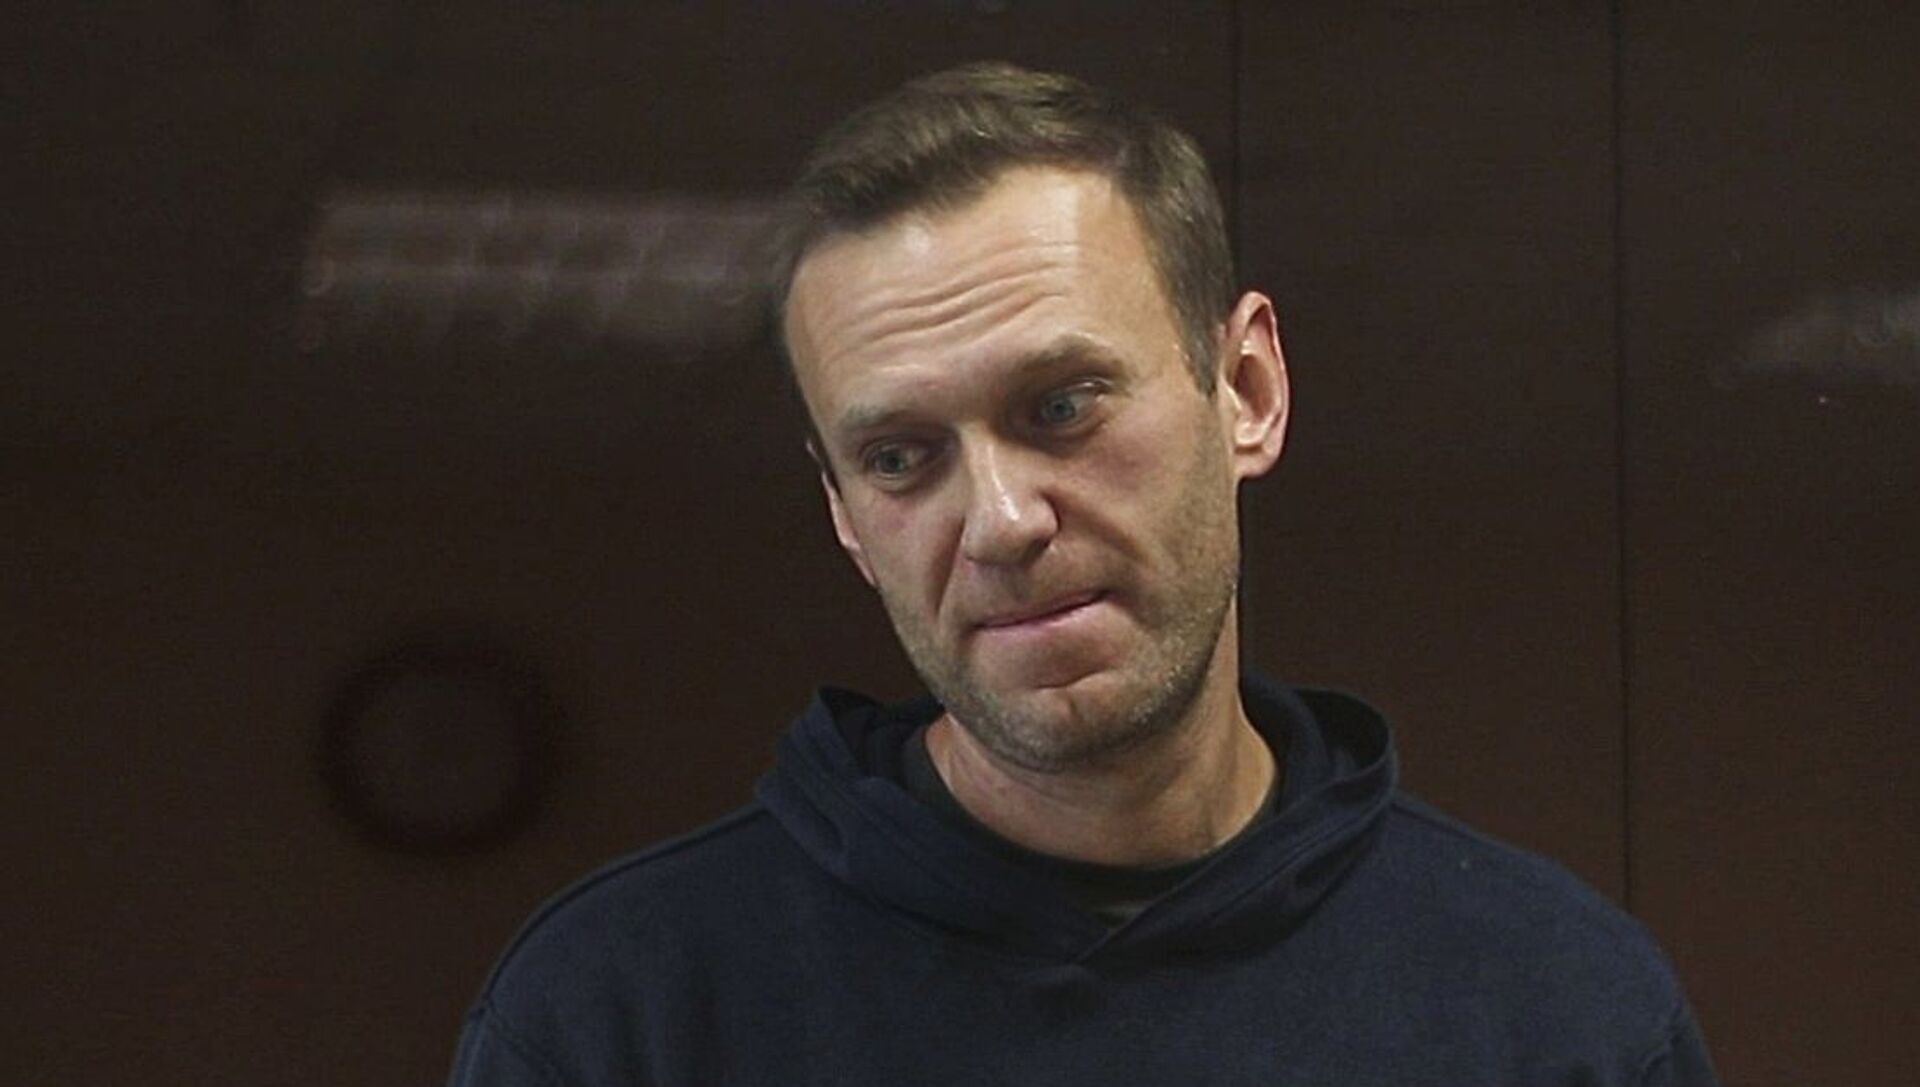 Posiedzenie Nawalnego, oskarżonego w sprawie o pomówienie weterana Wielkiej Wojny Ojczyźnianej Ignata Artemienki - Sputnik Polska, 1920, 12.02.2021